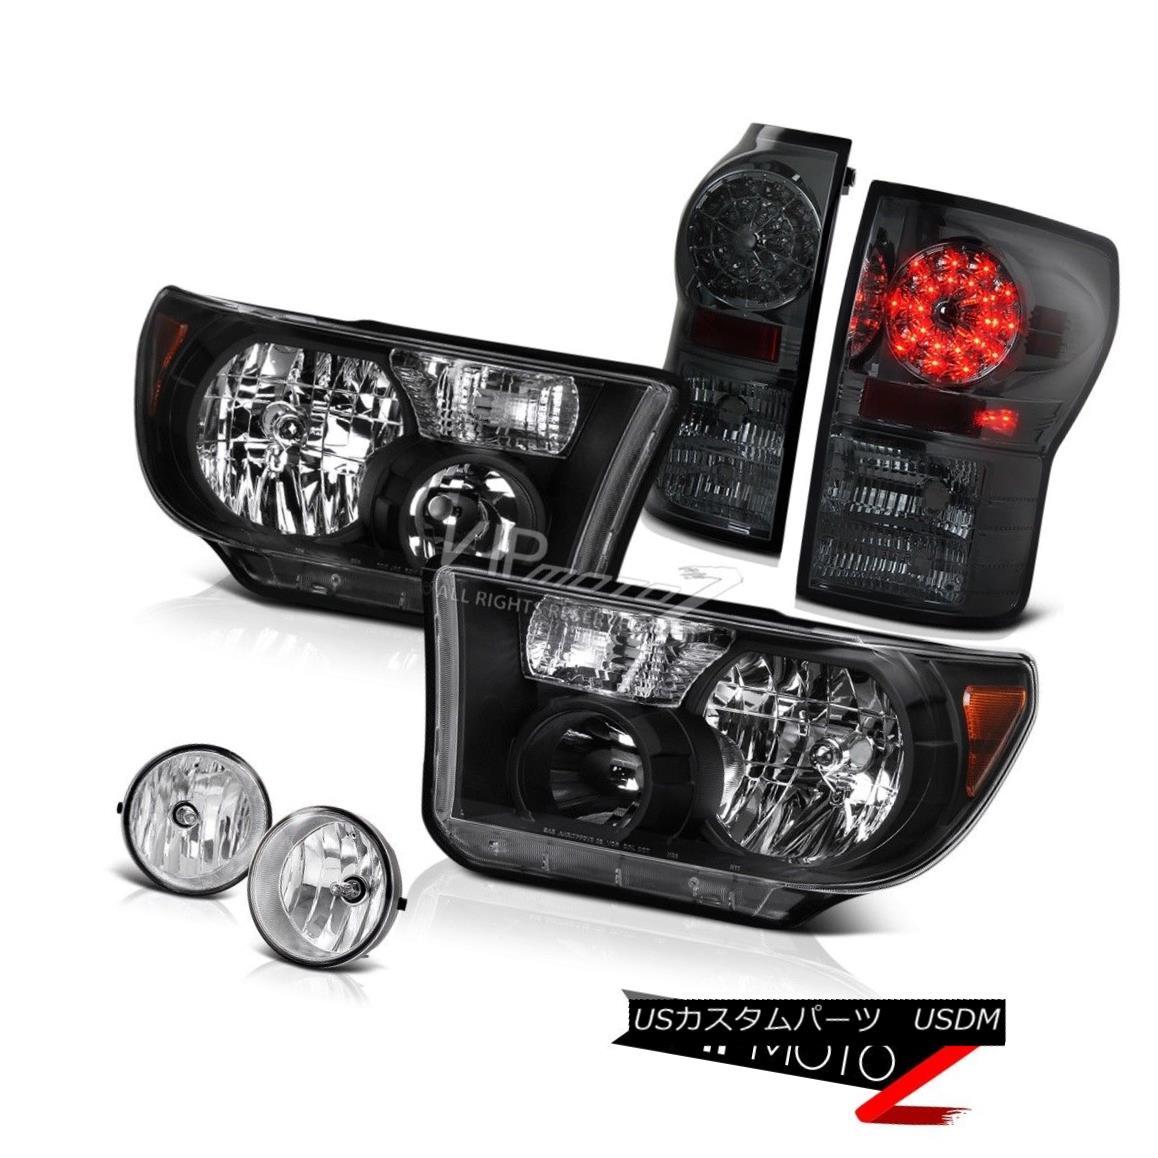 Headlight Tail Light Lamp LH RH Front Rear Kit Set of 4 for Chrysler Mini Van